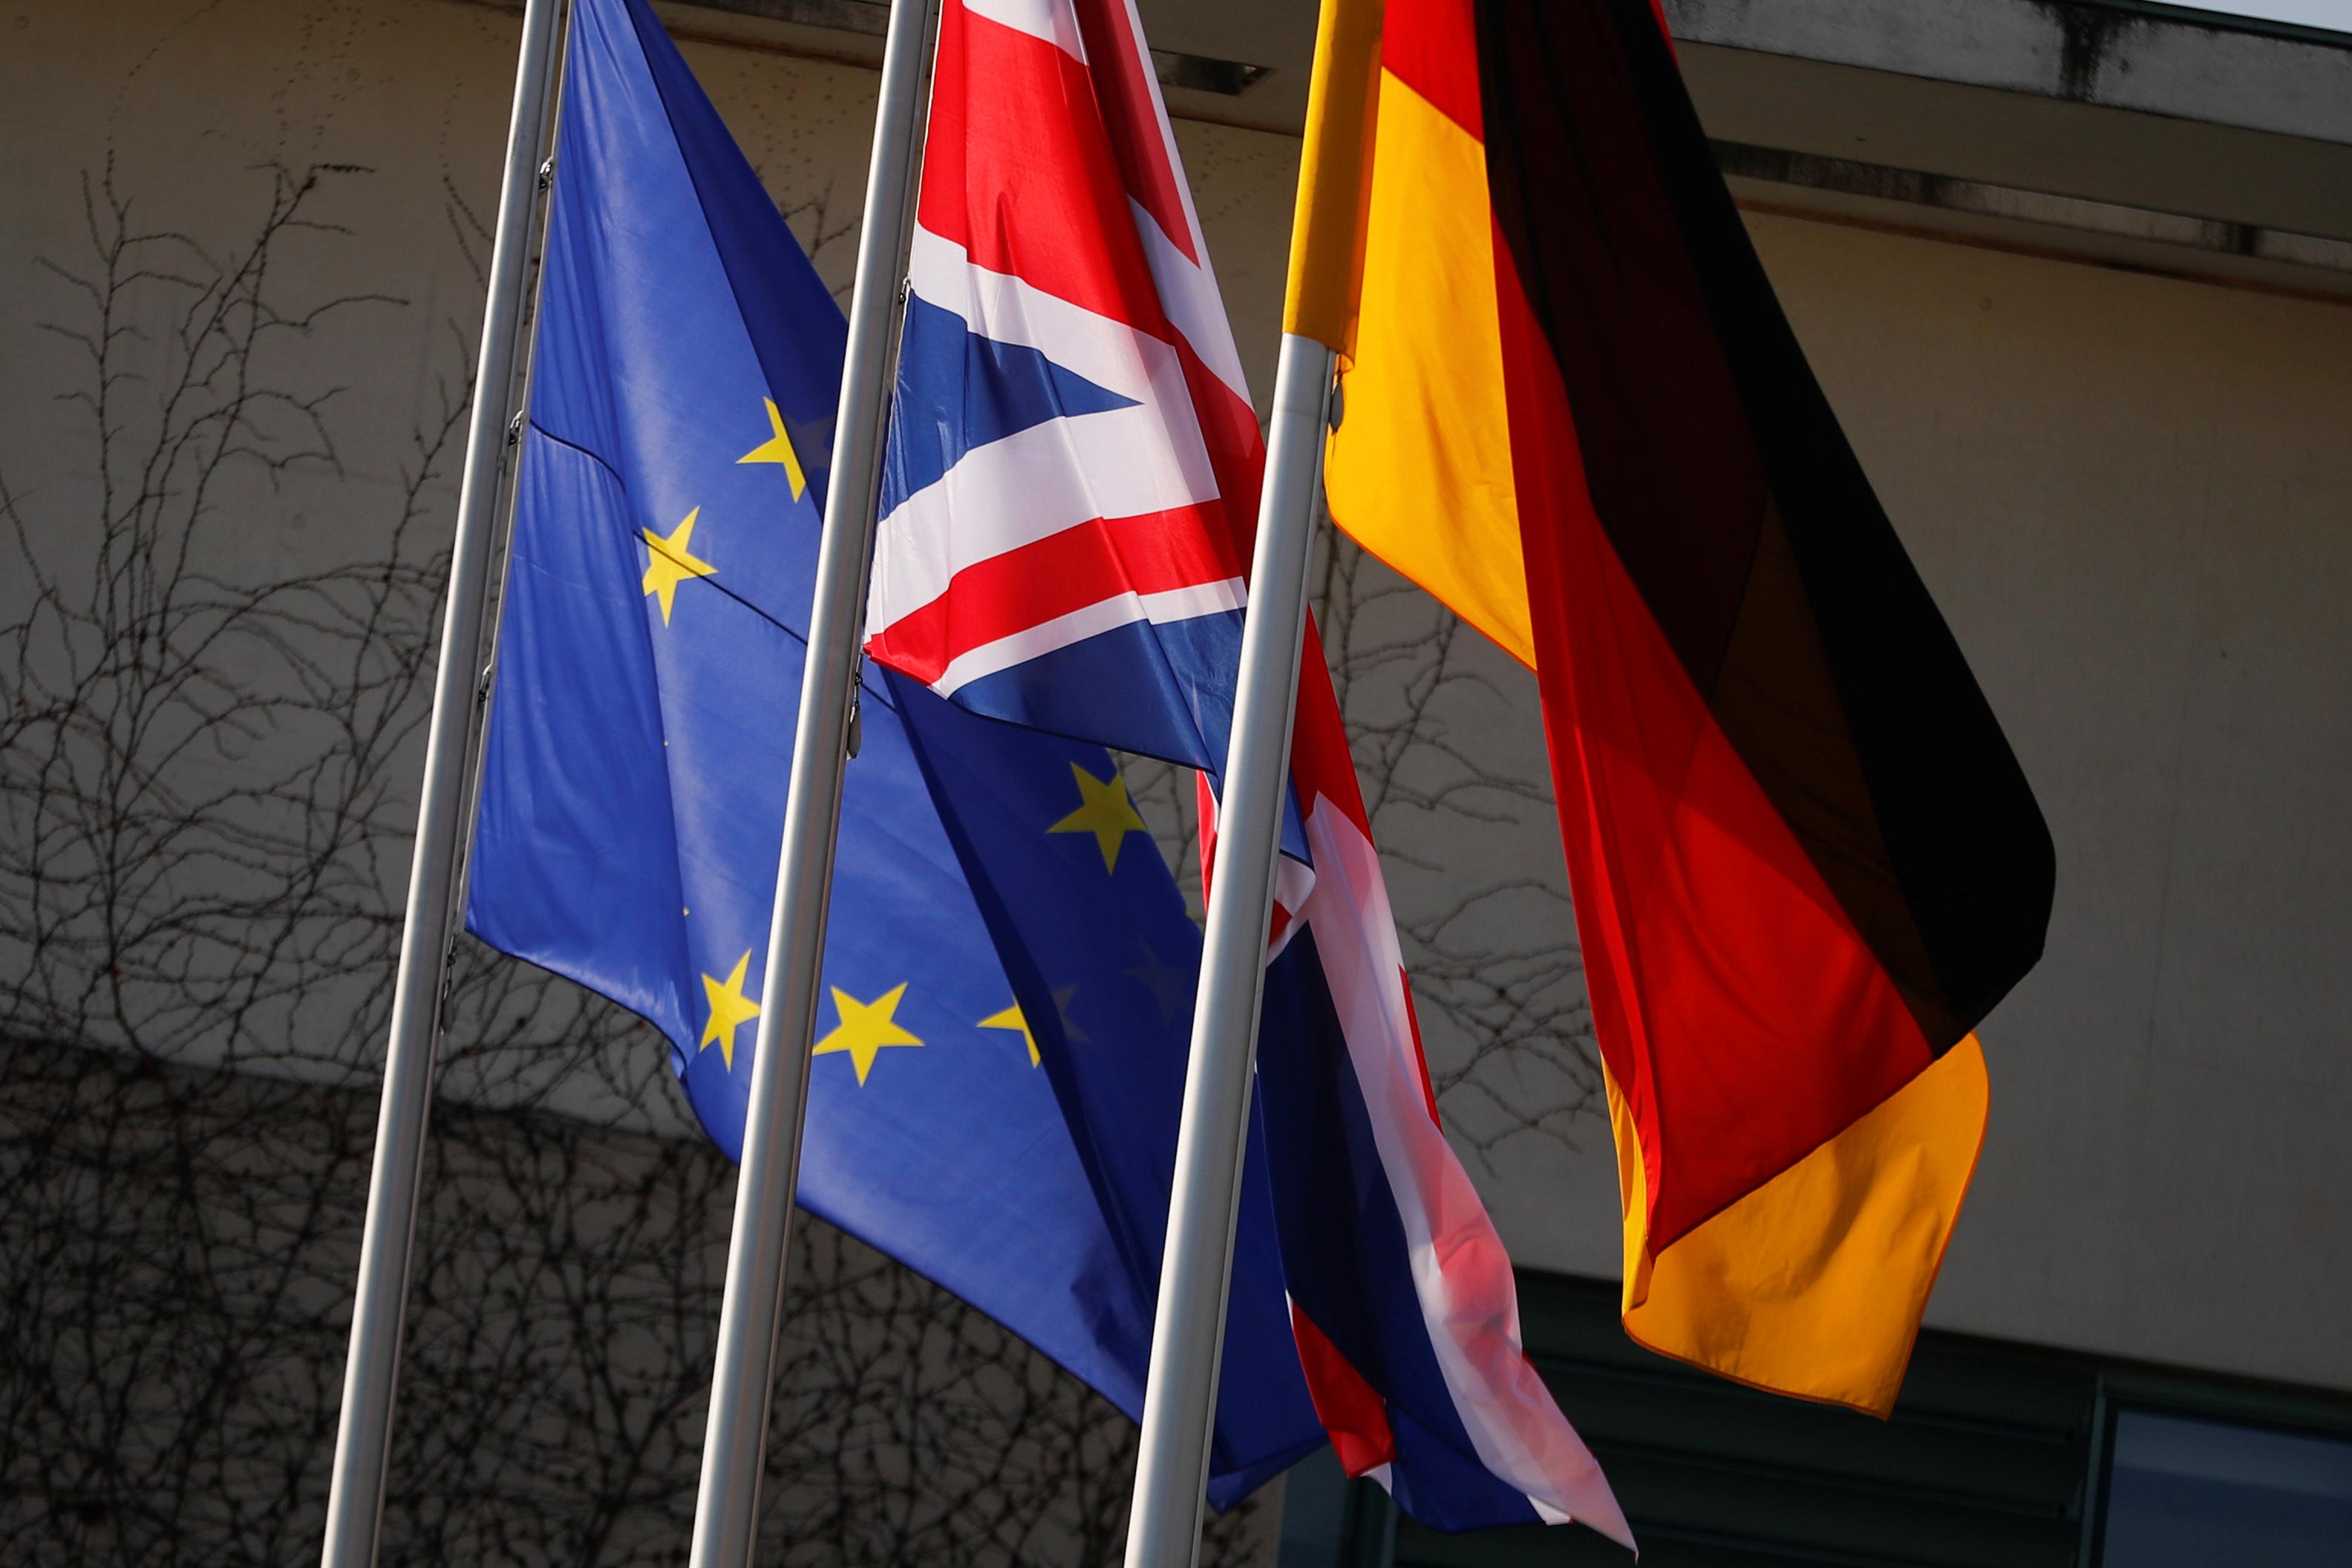 Եվրամիության, Մեծ Բրիտանիայի և Գերմանիայի դրոշները ծածանվում են կանցլերի առջև ՝ Մեծ Բրիտանիայի վարչապետ Թերեզա Մեյի ՝ Բեռլին, Գերմանիա, 9 թ. Ապրիլի 2019 -ին նախատեսված այցից առաջ: REUTERS/Hannibal Hanschke/Ֆայլեր